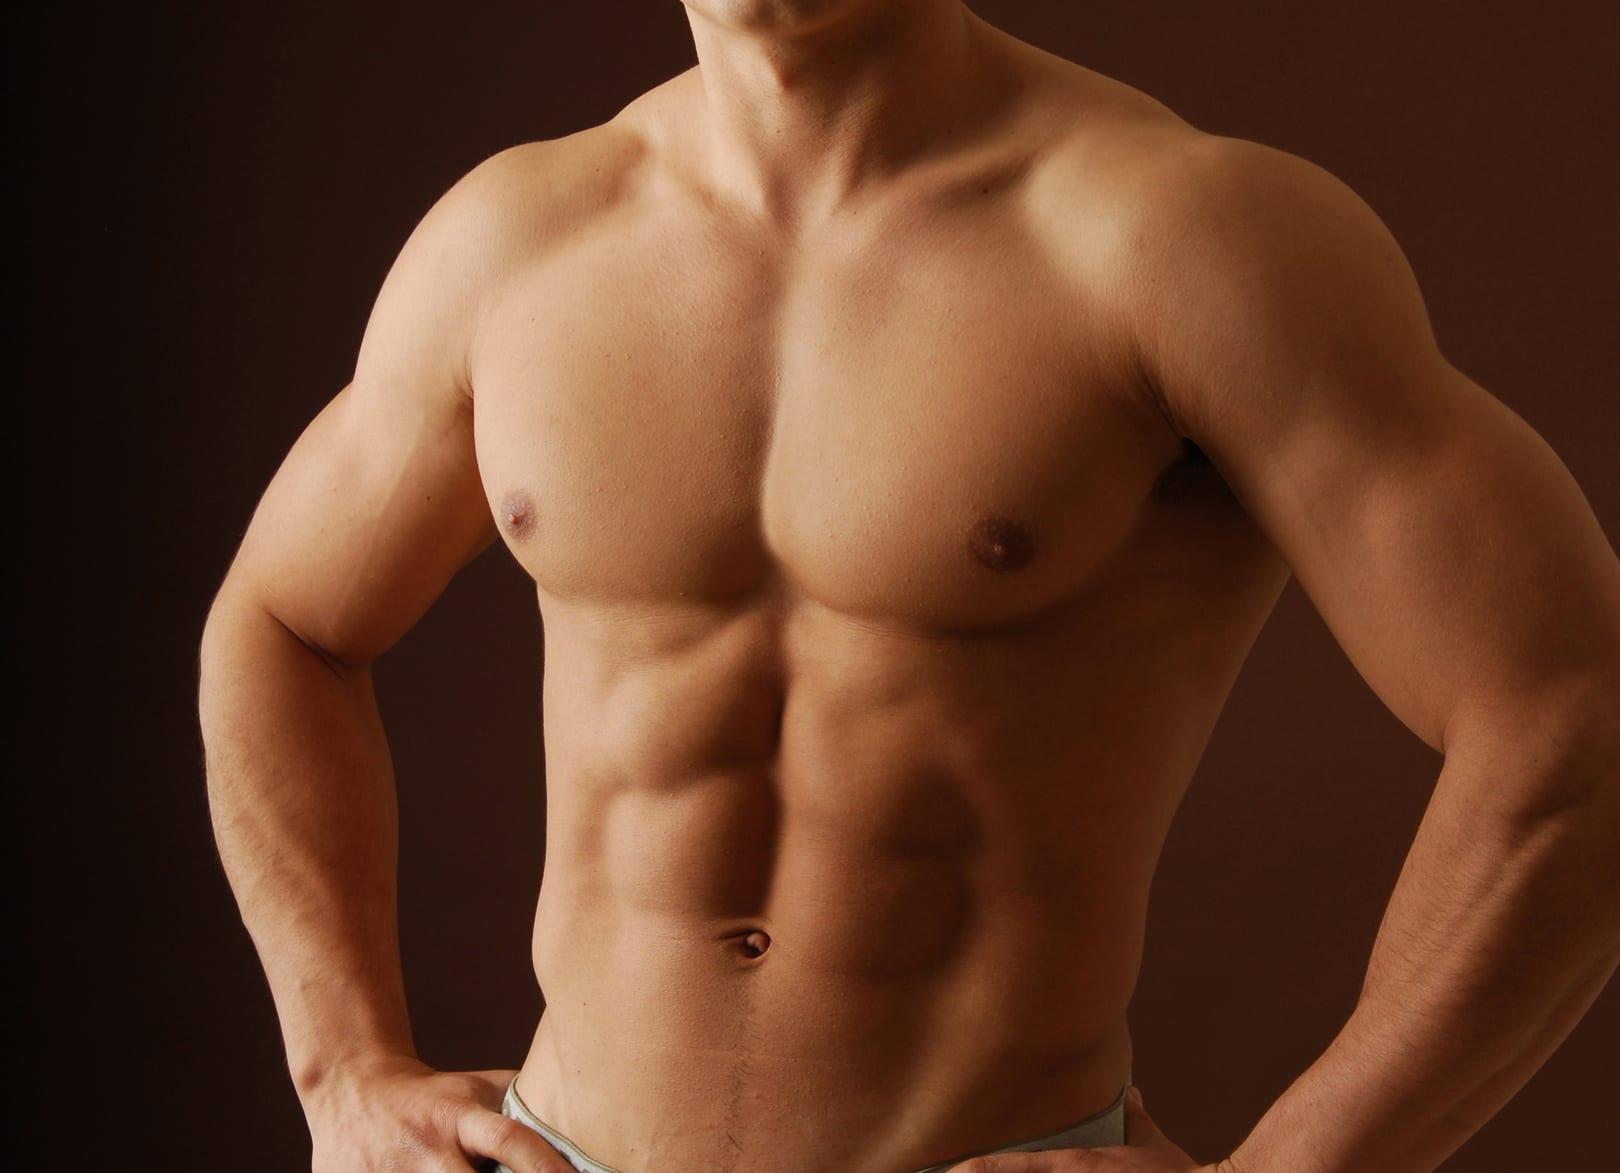 любители, крупный план мужского тела фото прогнозировать